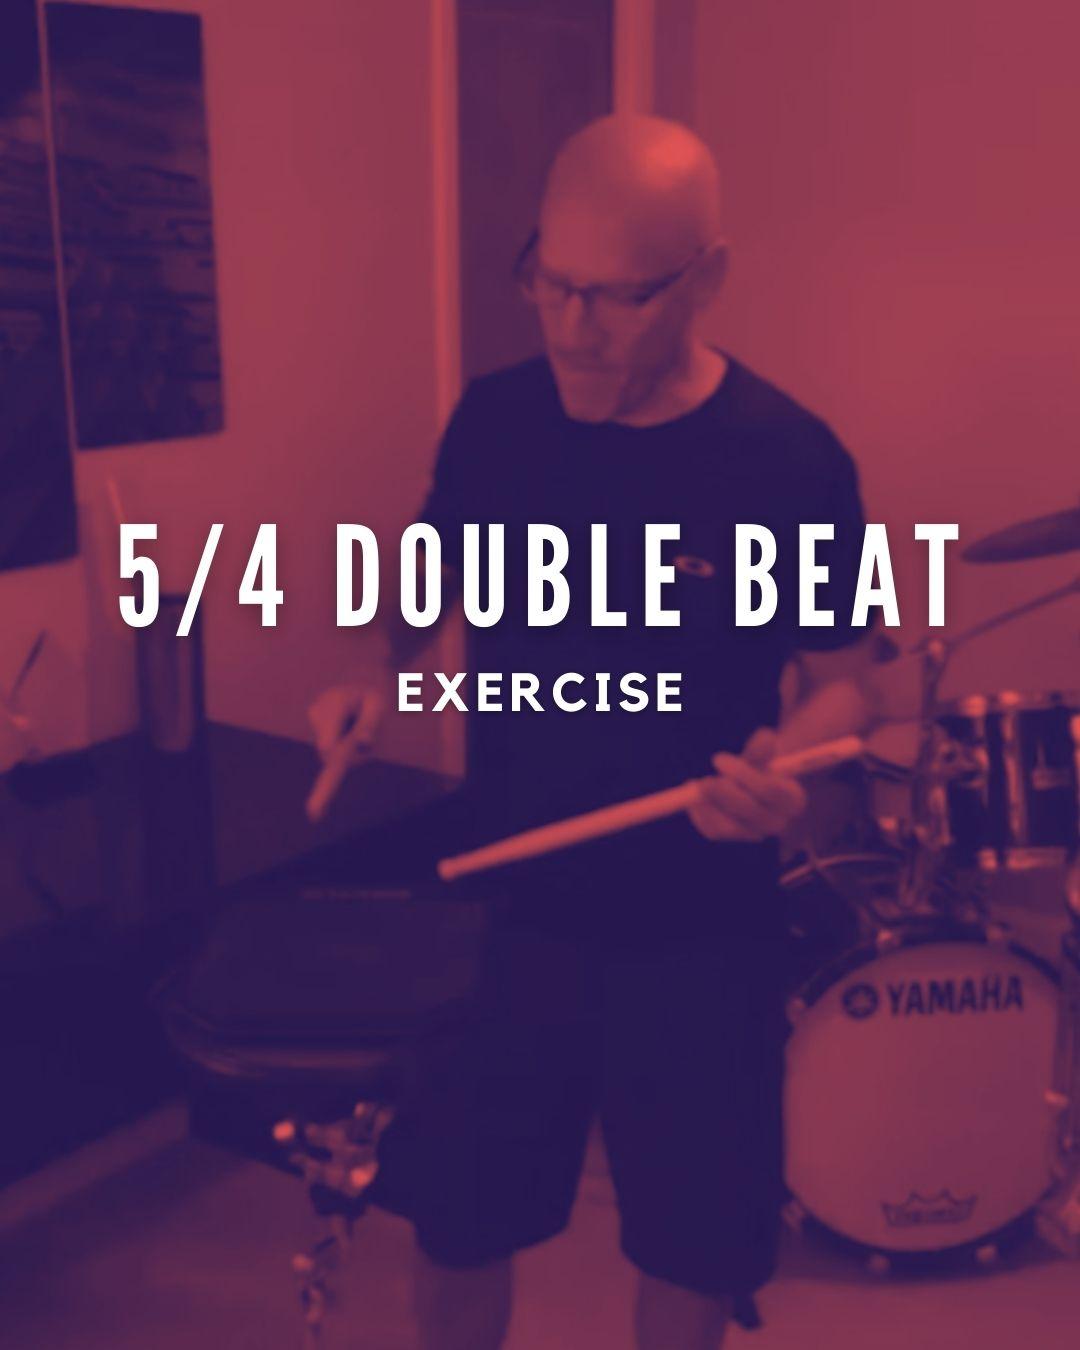 5/4 Double Beat